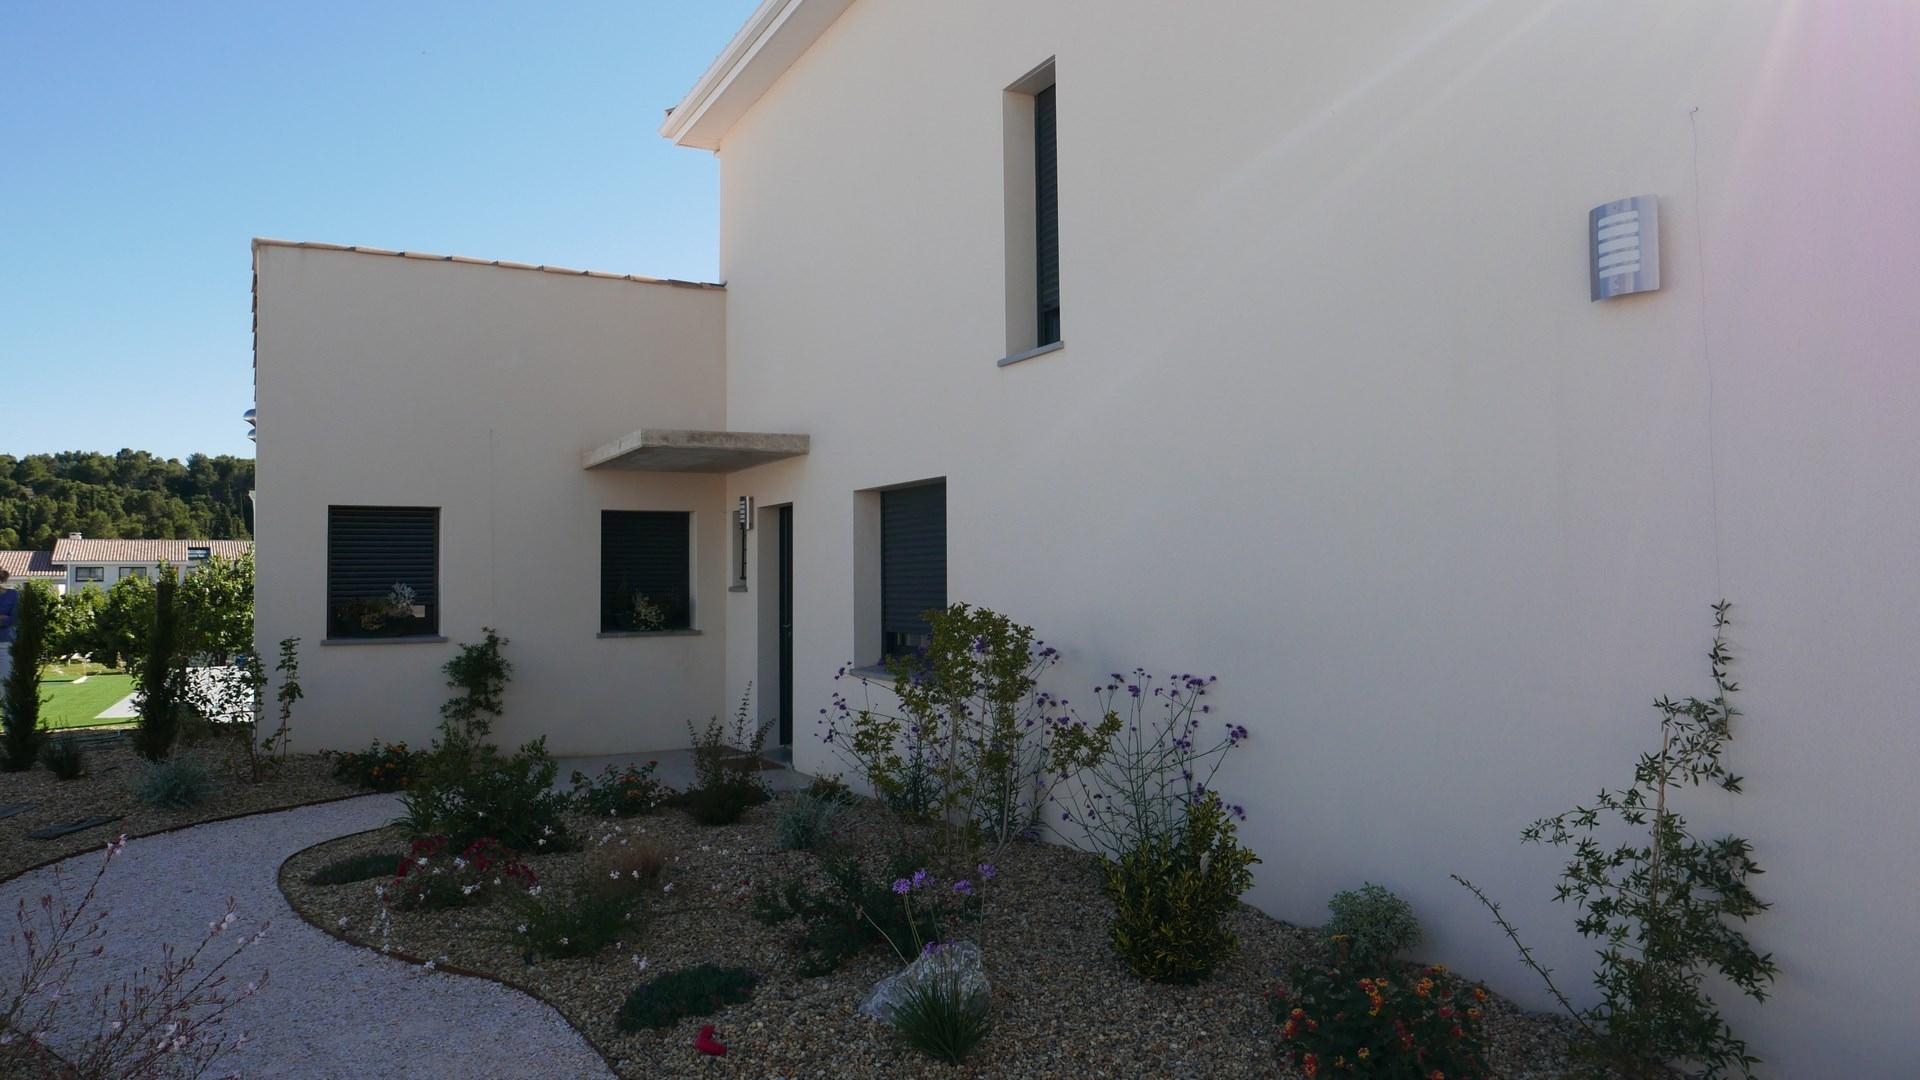 Maison S à Narbonne avec Renée Astruc, architecte et maître d'œuvre